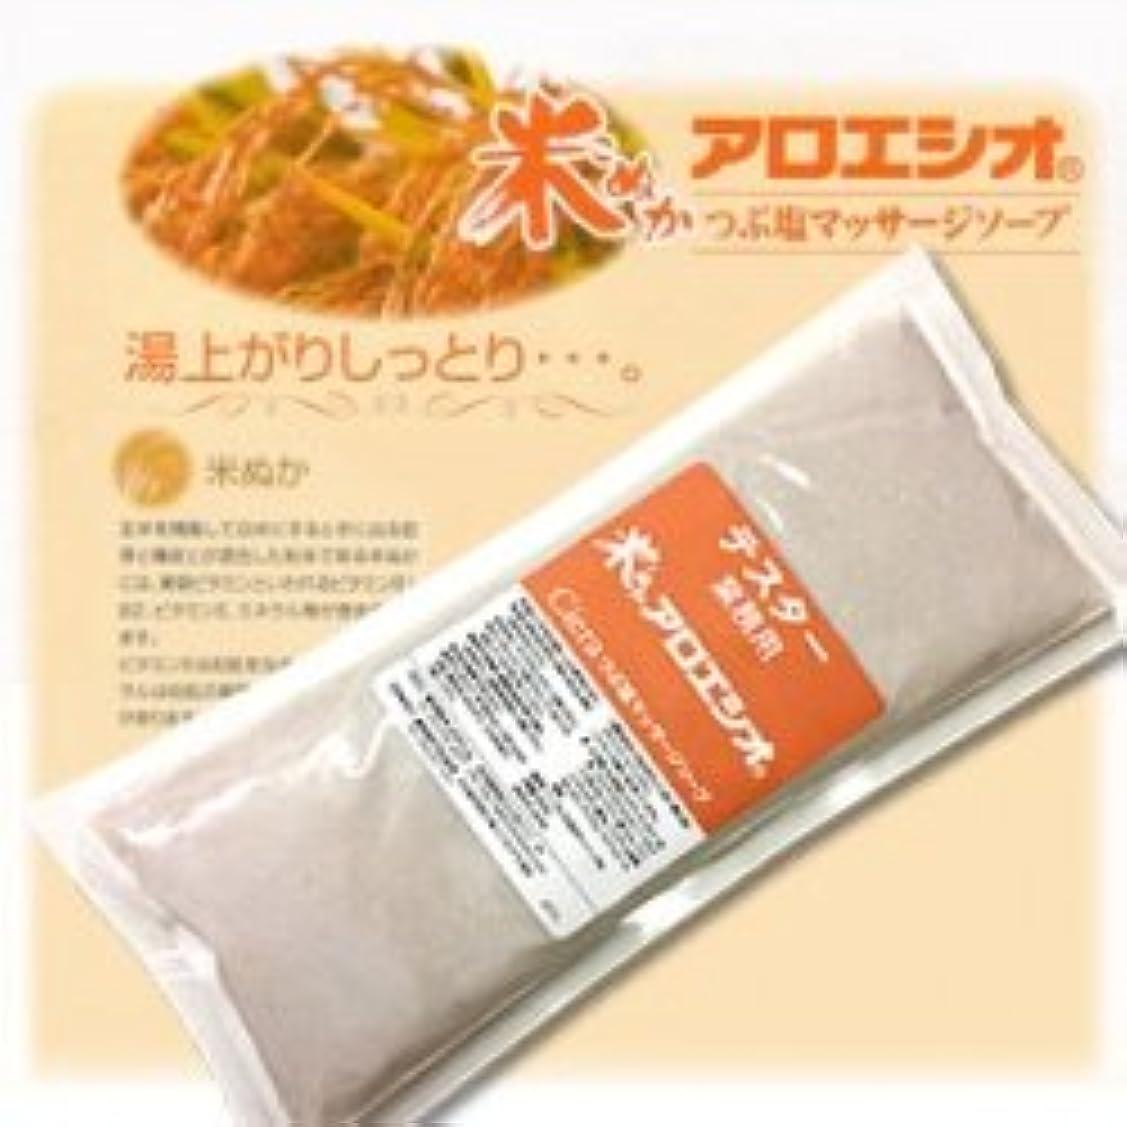 海港解き明かすサイレン業務用米ぬかアロエ塩 800g つぶ塩マッサージソープ/ フタバ化学 アロエシオ Ciera